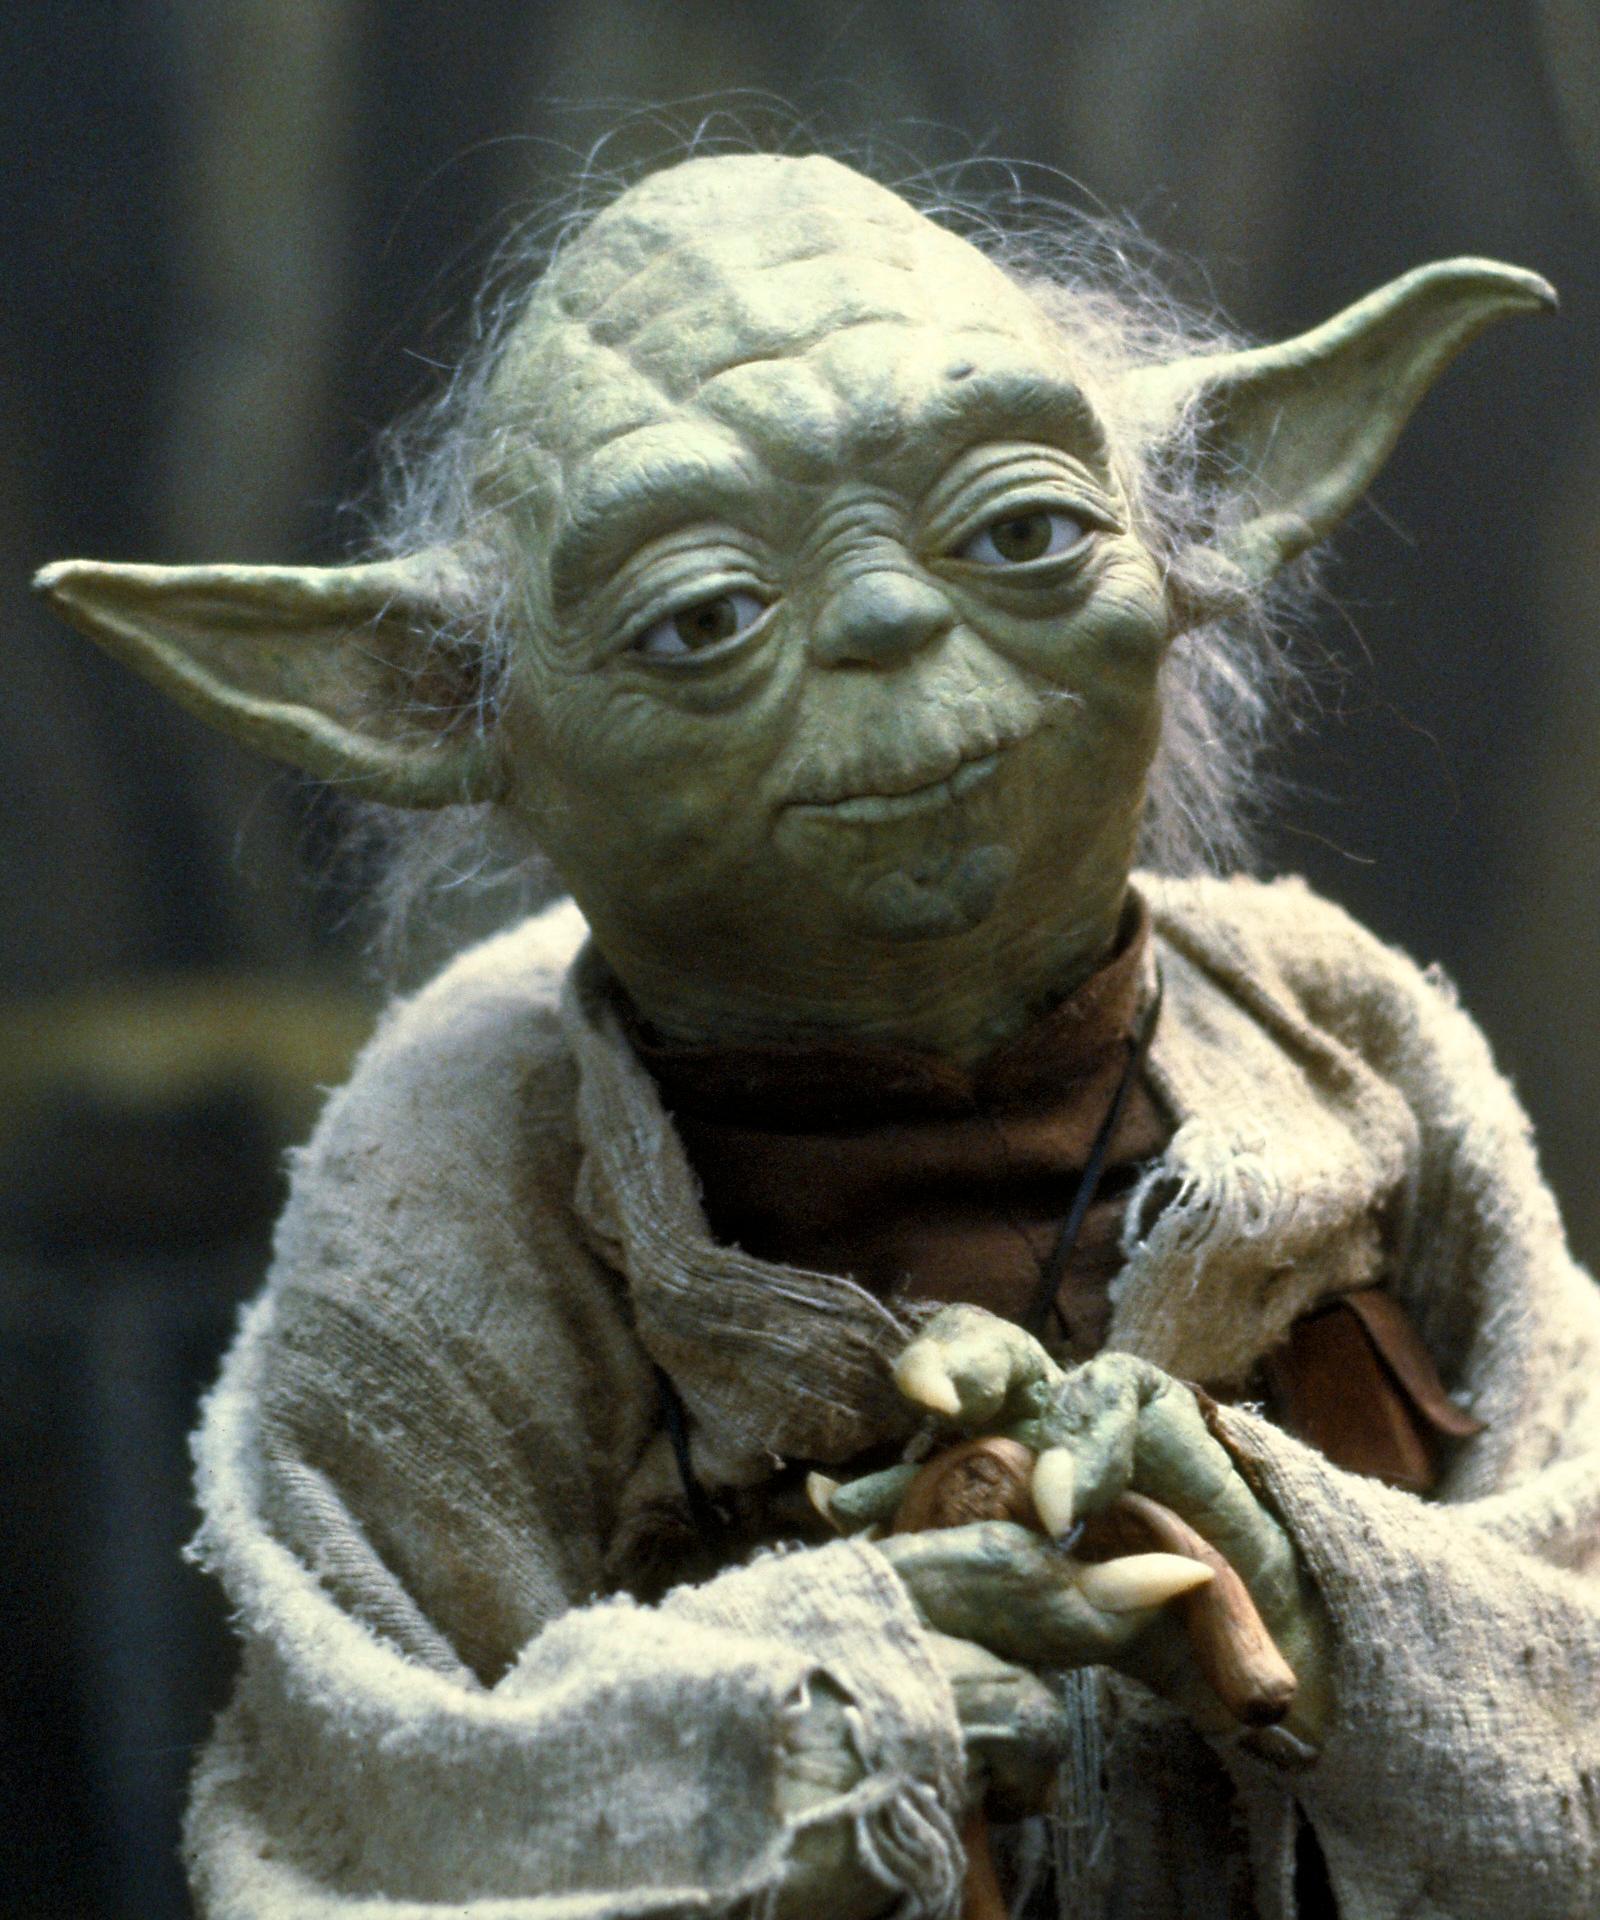 18 - Yoda